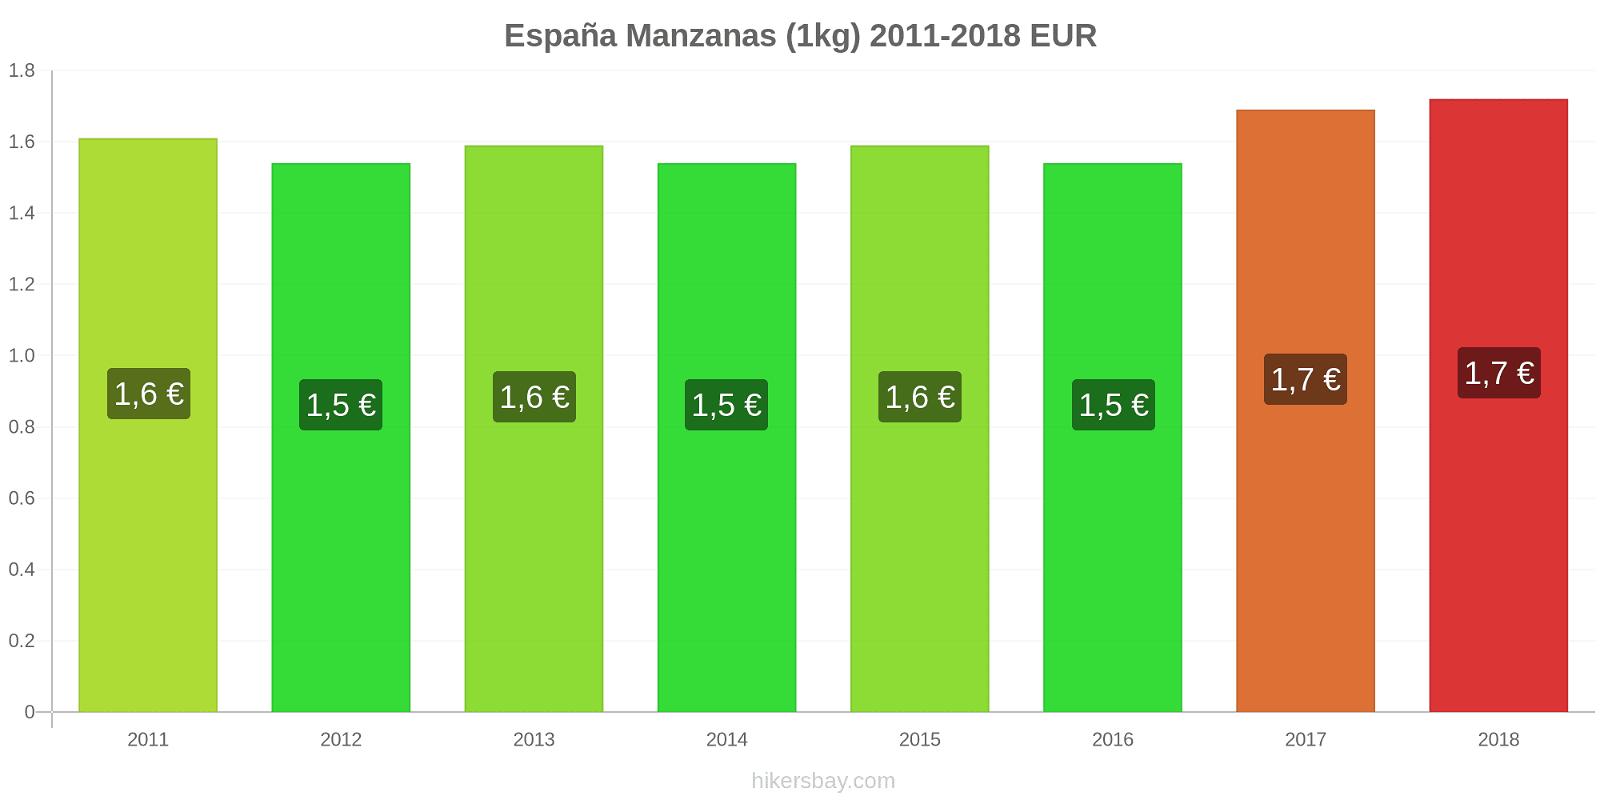 España cambios de precios Manzanas (1kg) hikersbay.com